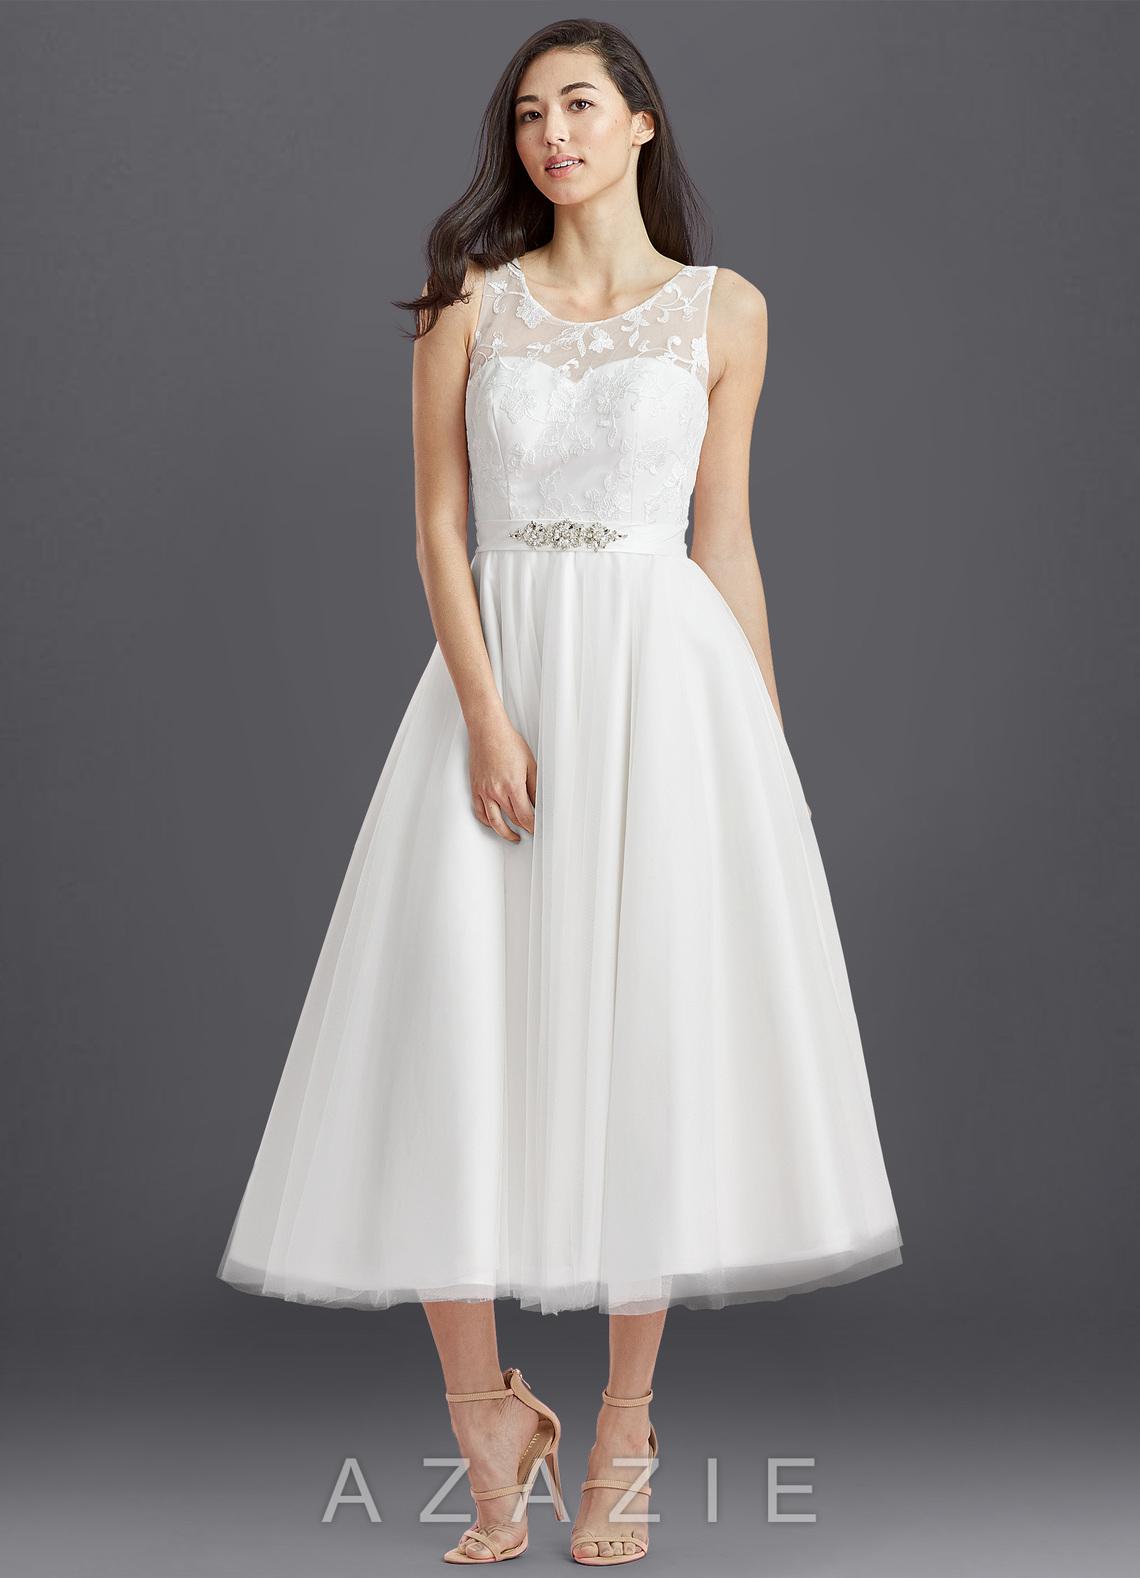 7693858f460e Azazie Eleanore BG Wedding Dress | Azazie